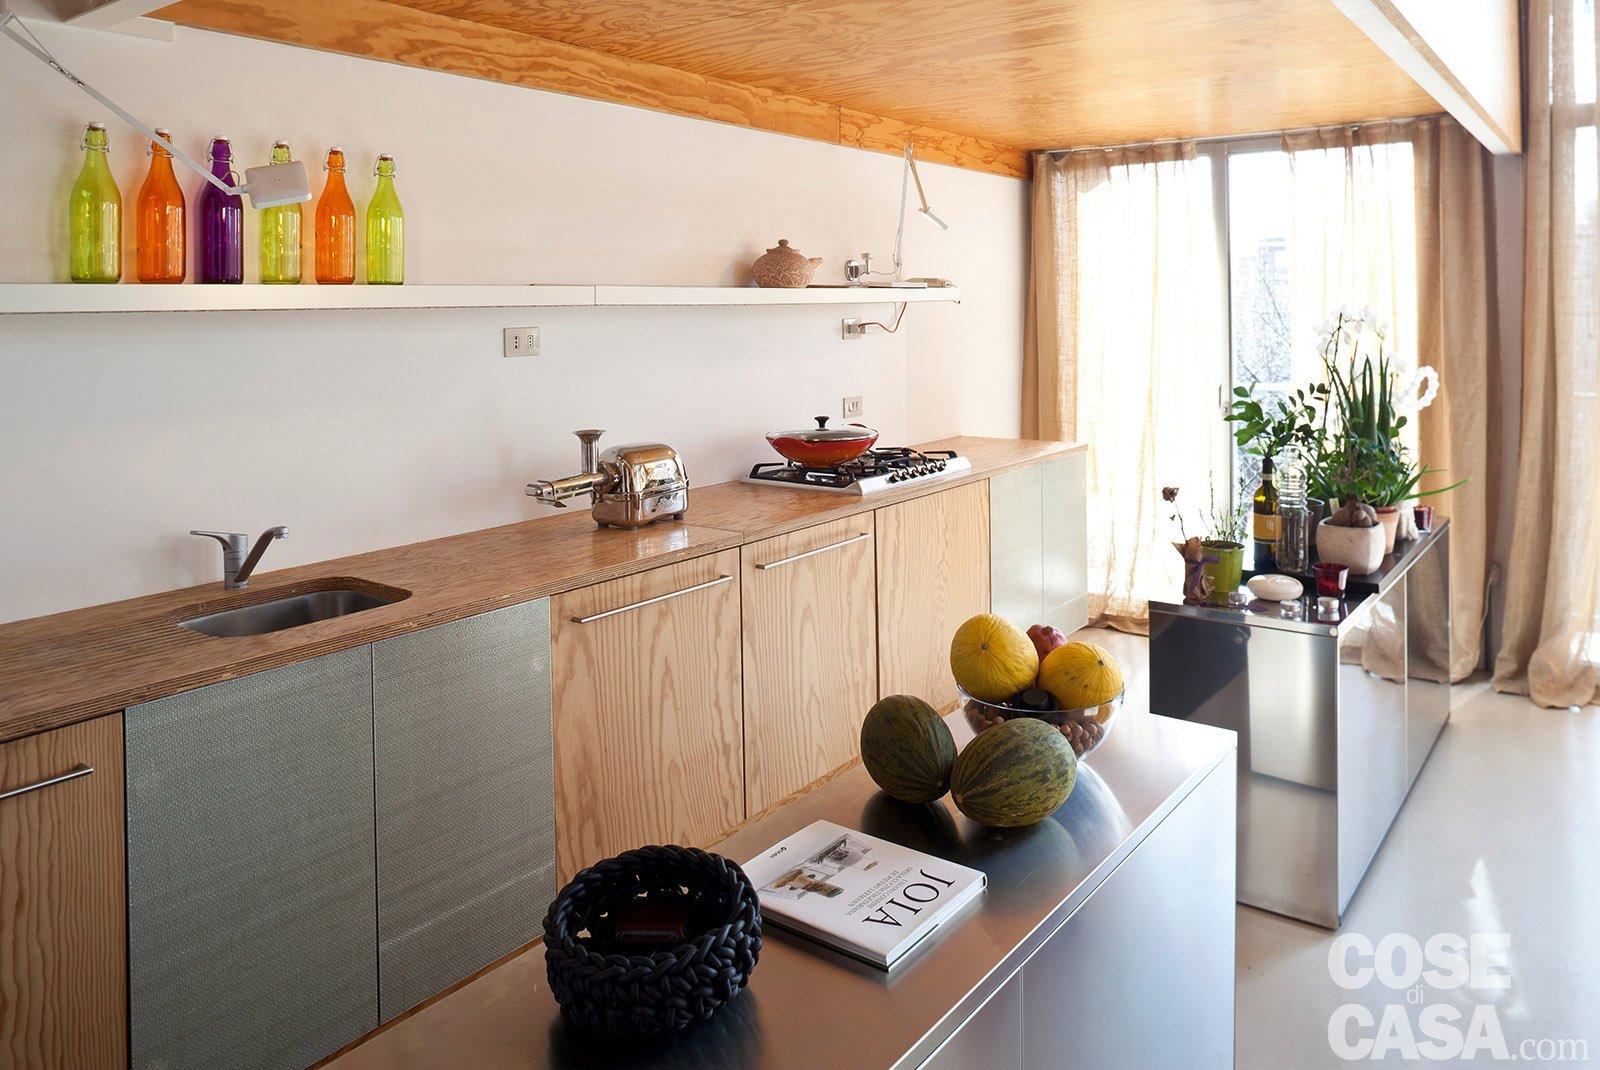 Loft una casa con materiali protagonisti e soppalco per - Cucina con soppalco ...